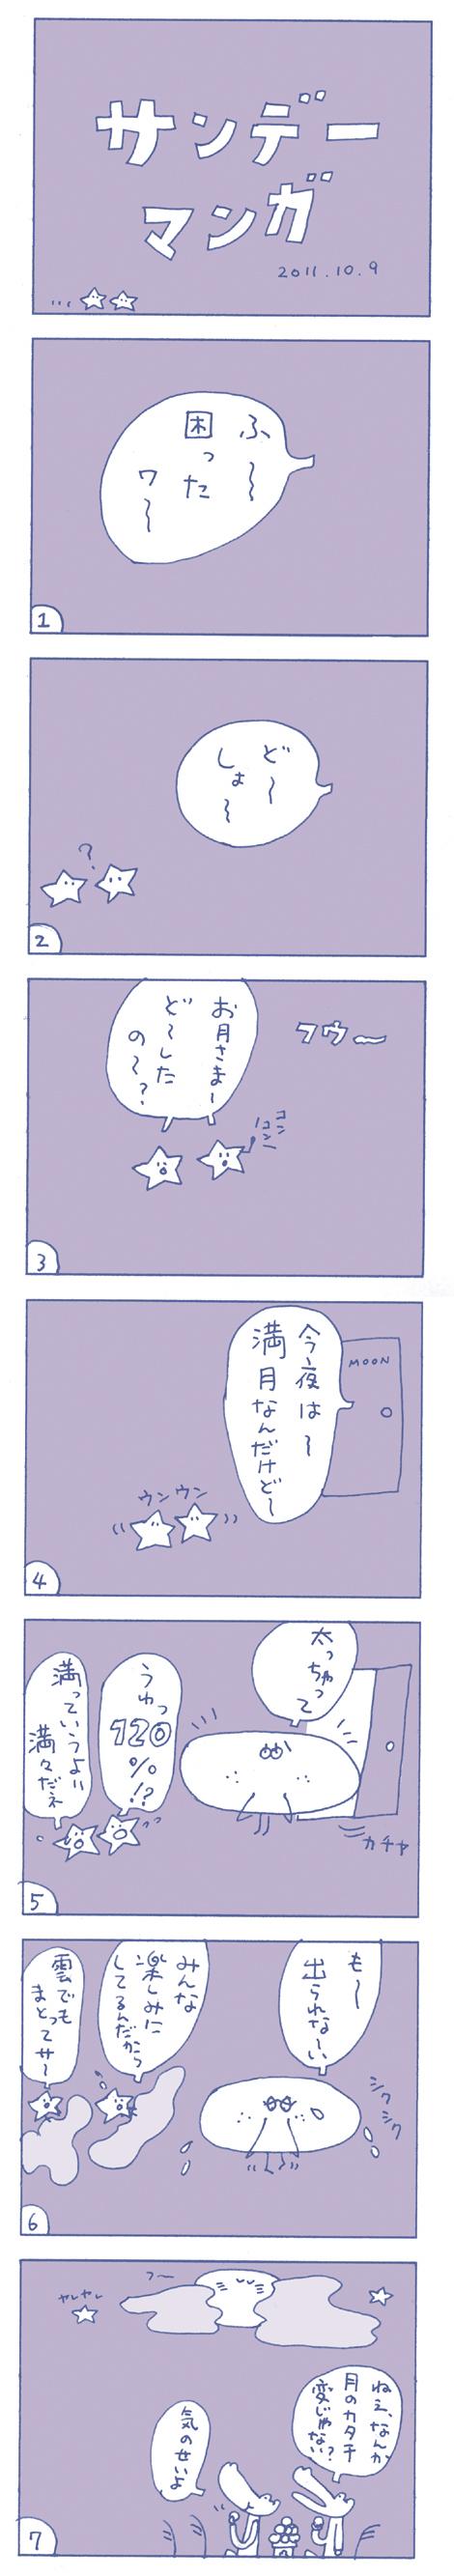 b0102193_20572292.jpg